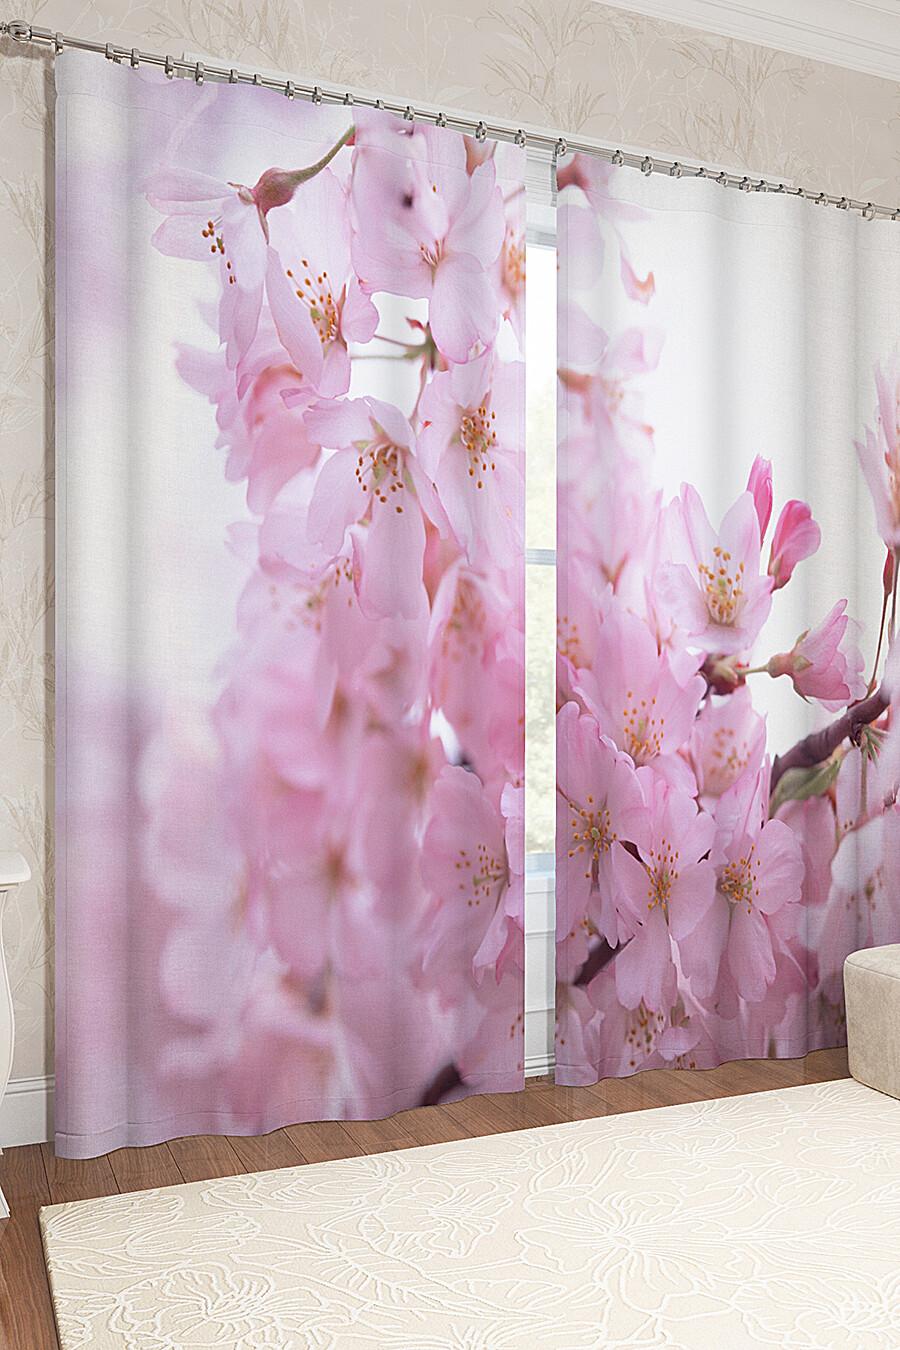 Фотошторы для дома ART HOME TEXTILE 123857 купить оптом от производителя. Совместная покупка товаров для дома в OptMoyo